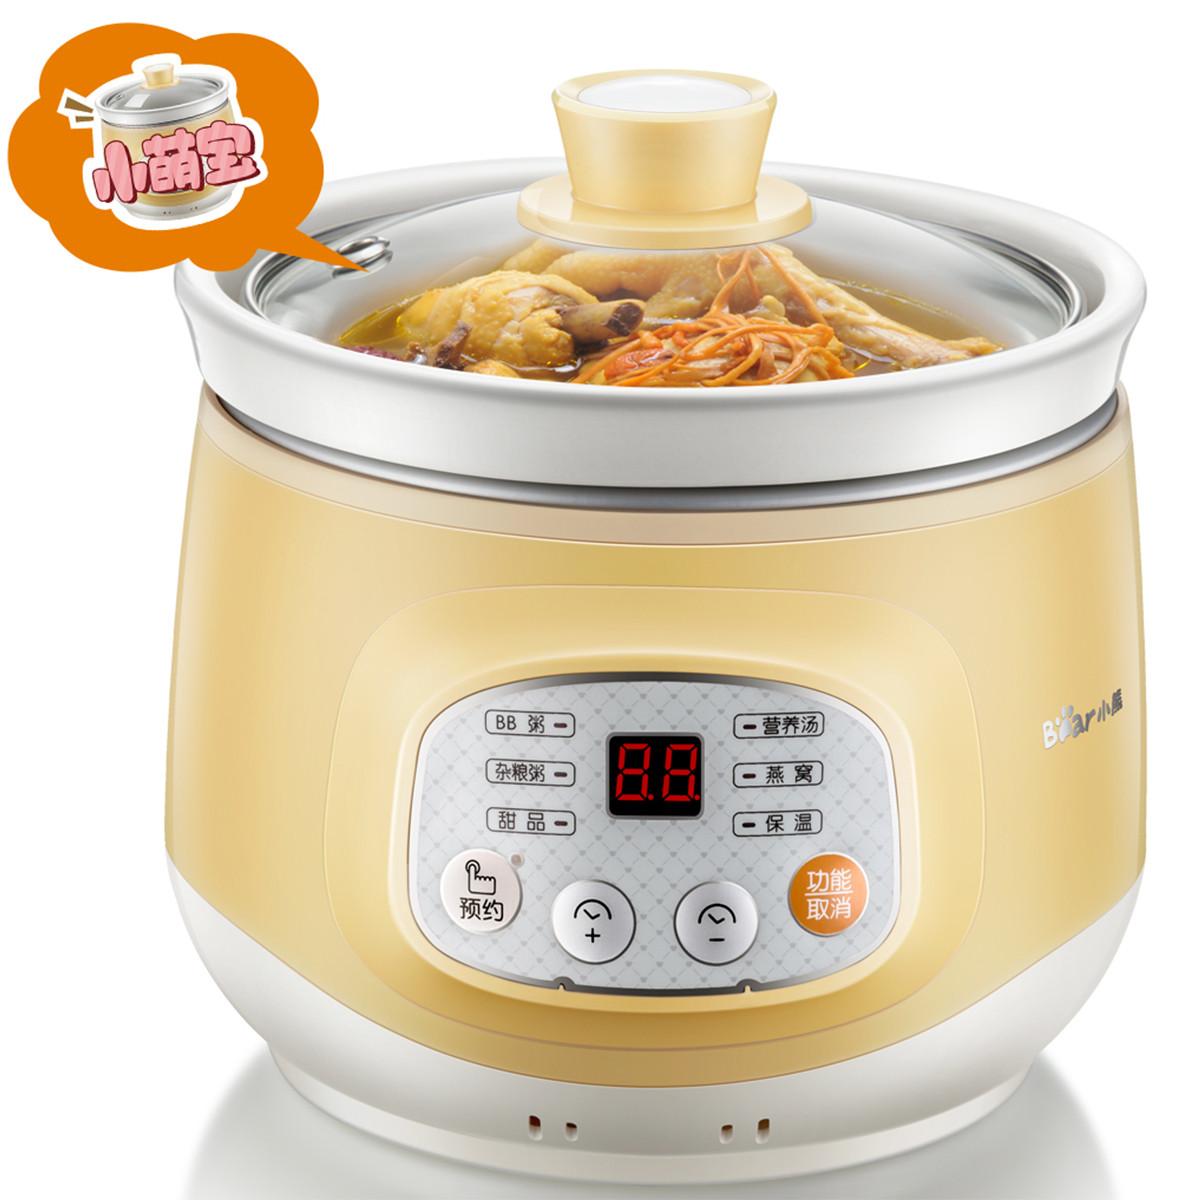 小熊电炖锅1L全自动BB煲汤煮粥锅炖汤陶瓷煲燕窝炖盅辅食锅电炖盅